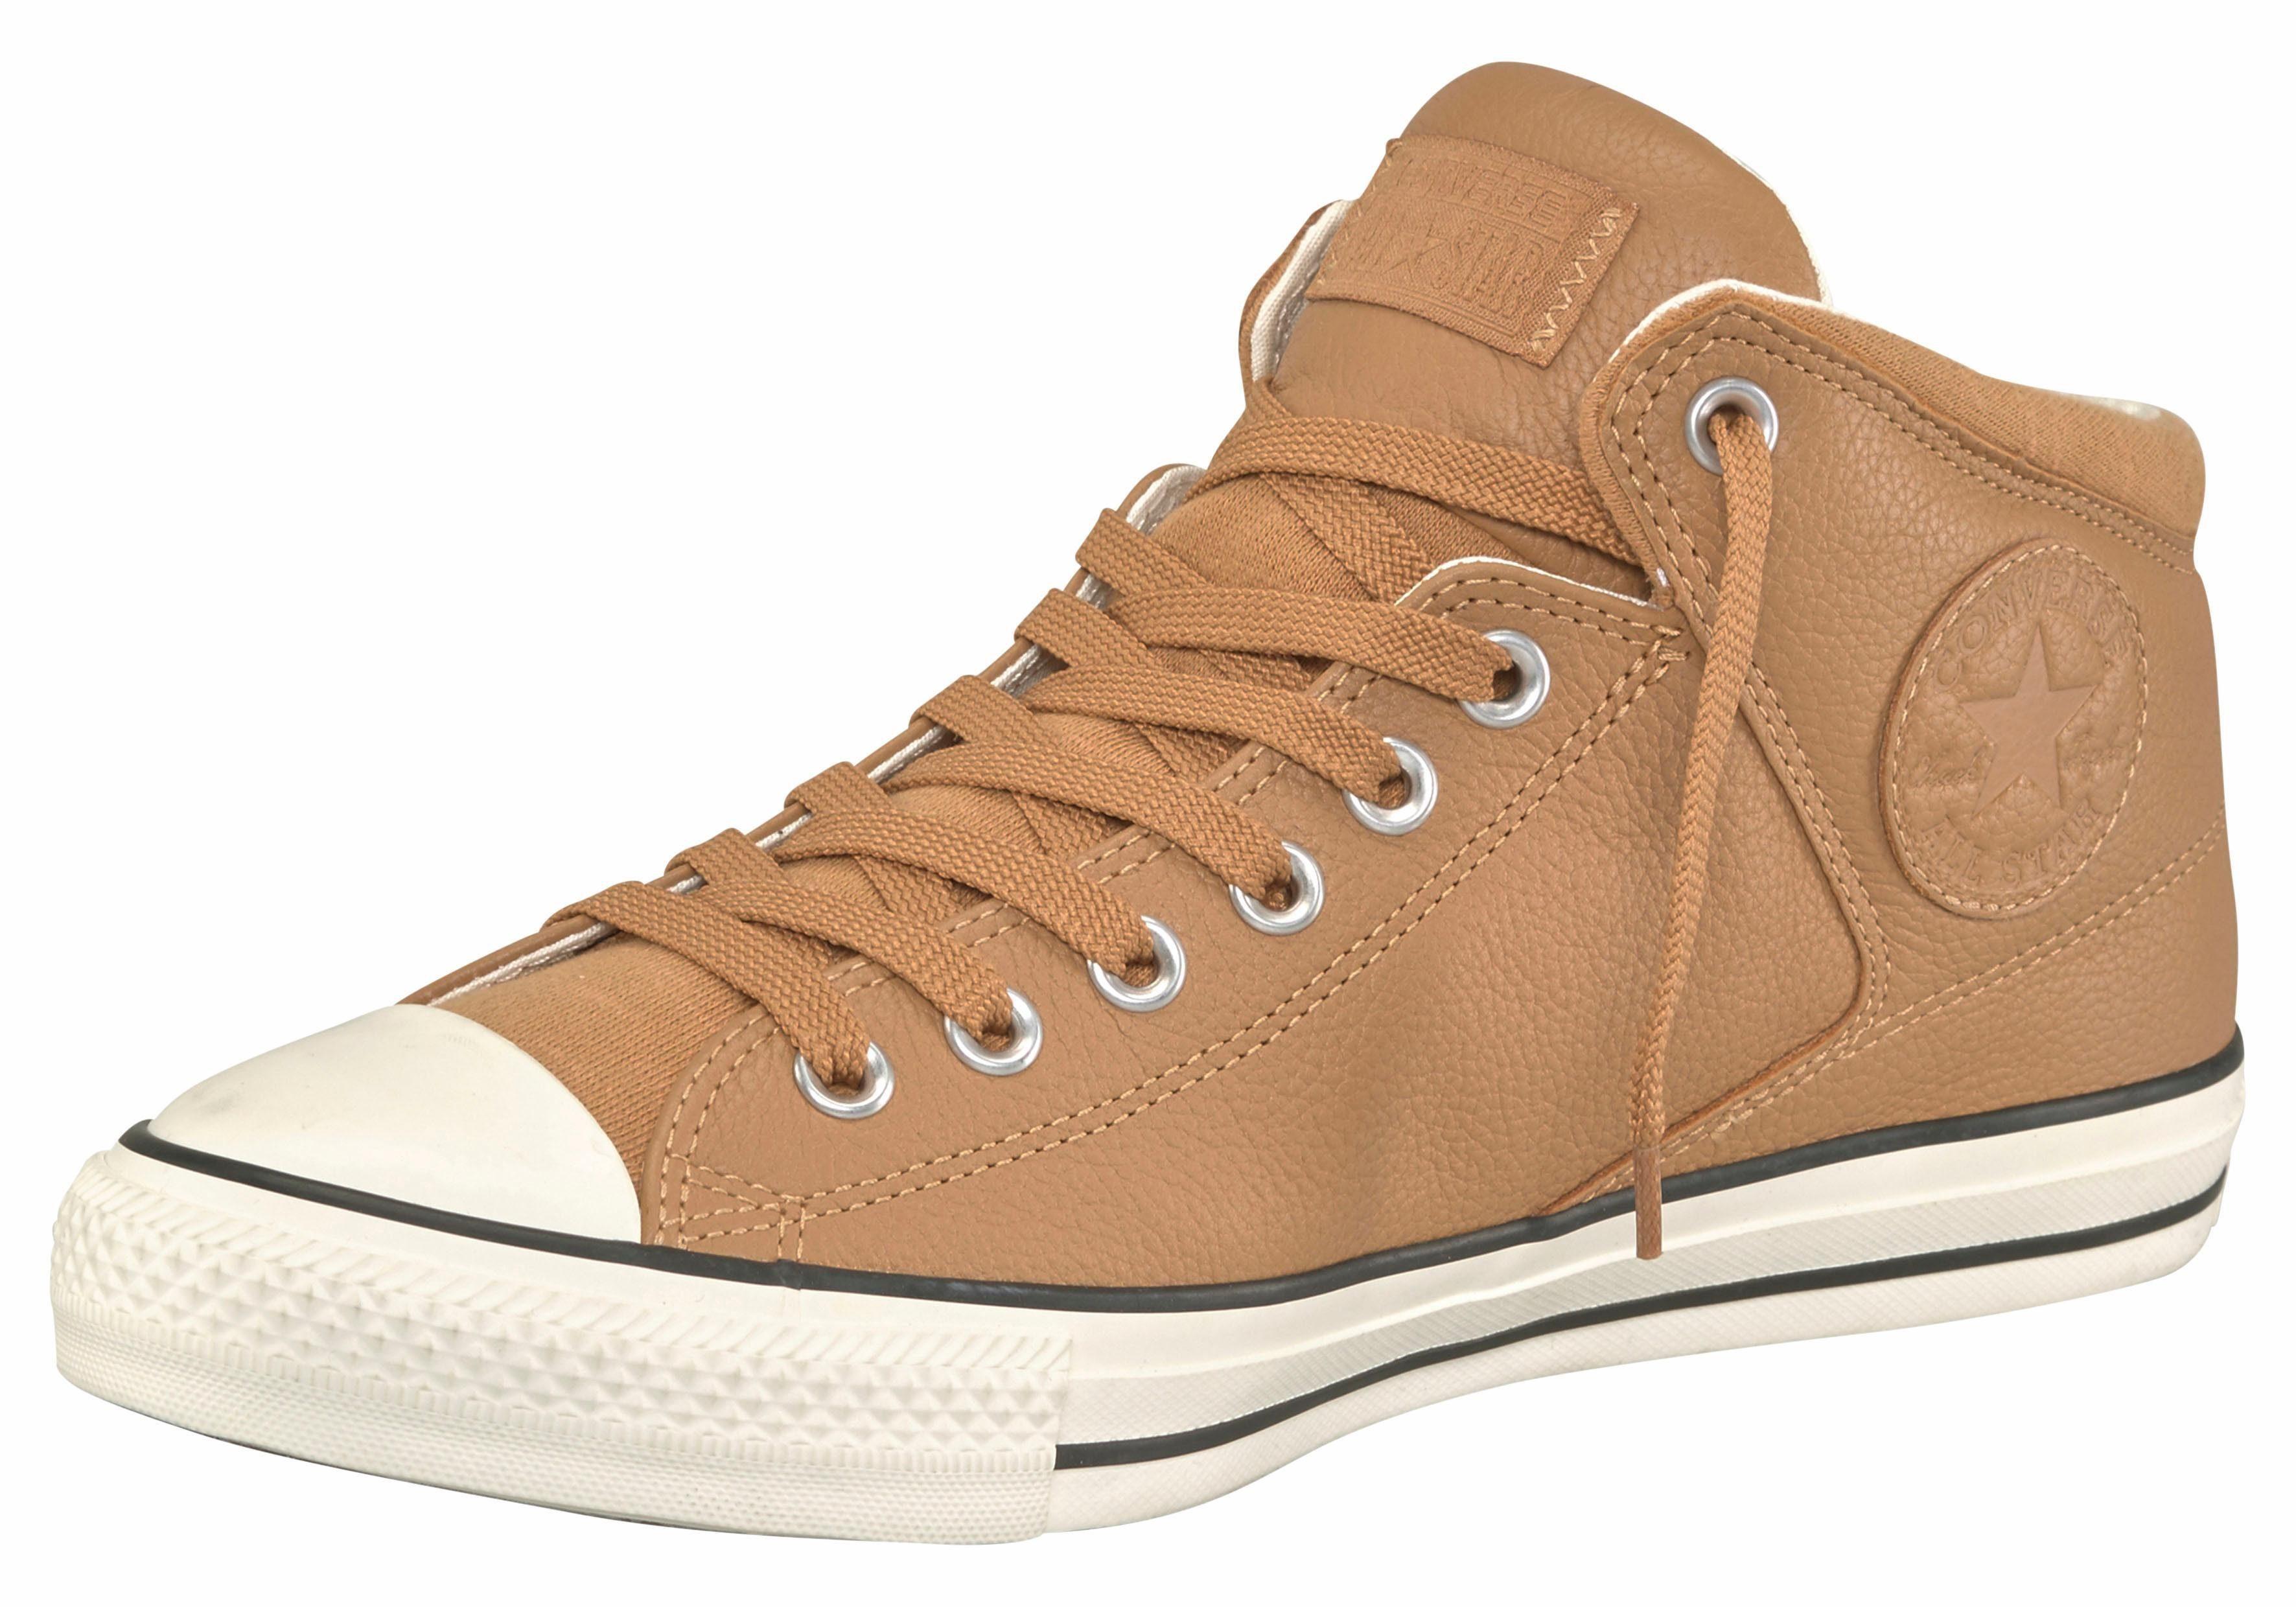 Brun Chaussures Converse All Star À 46,5 Pour Les Hommes